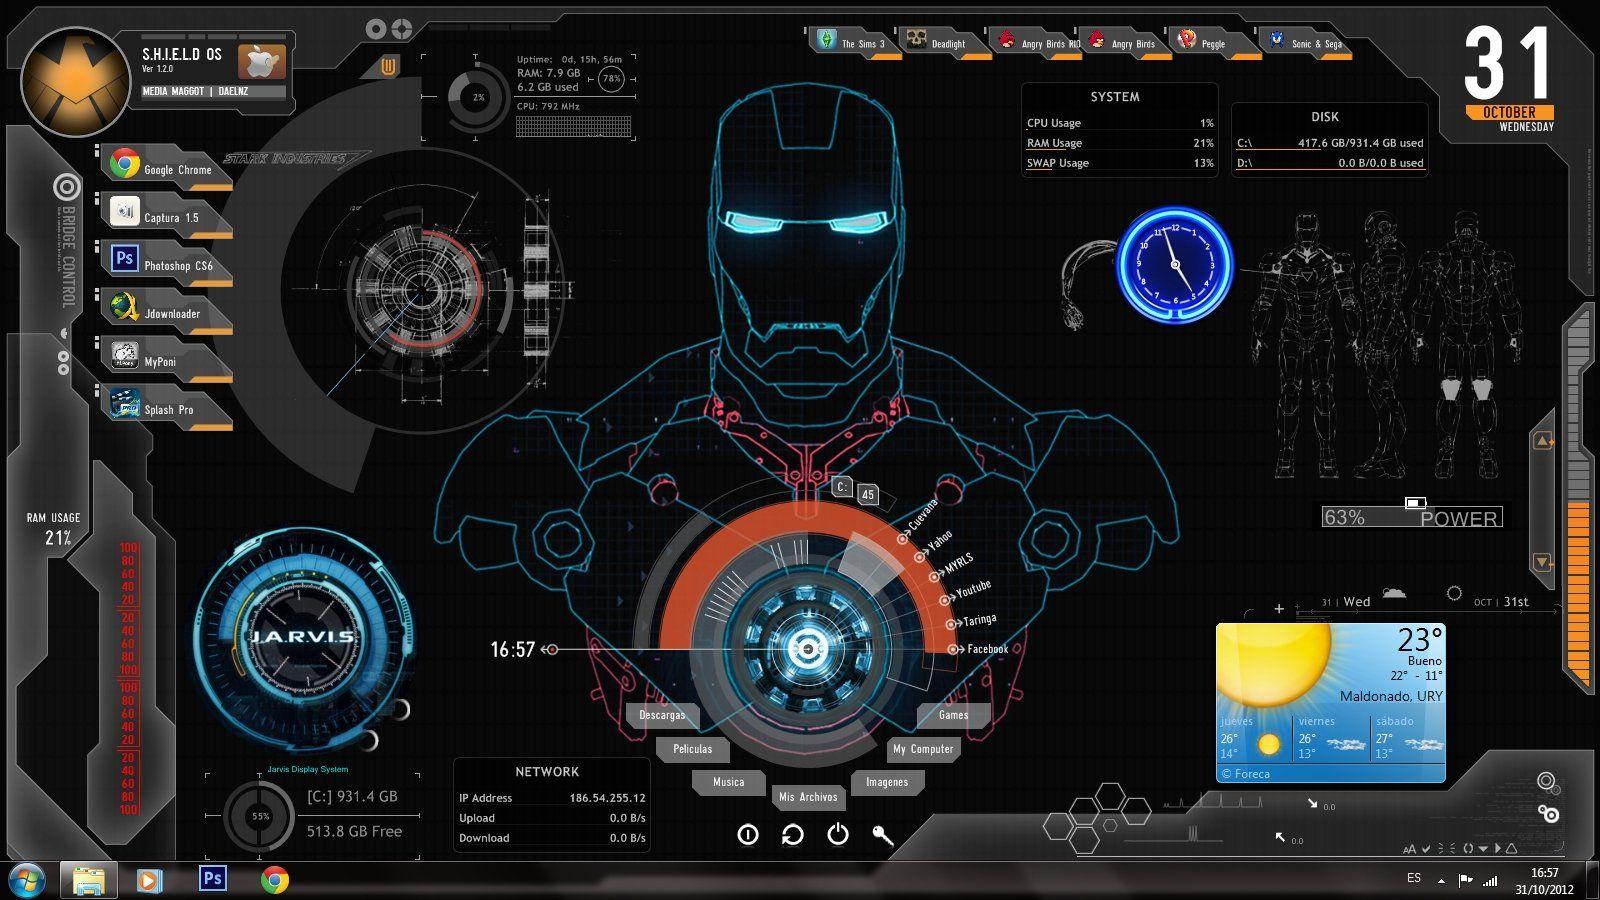 Descargar Fondos De Pantalla En Movimiento Gratis Para Pc Wallpaper Pc Iron Man Wallpaper 3d Wallpaper For Pc